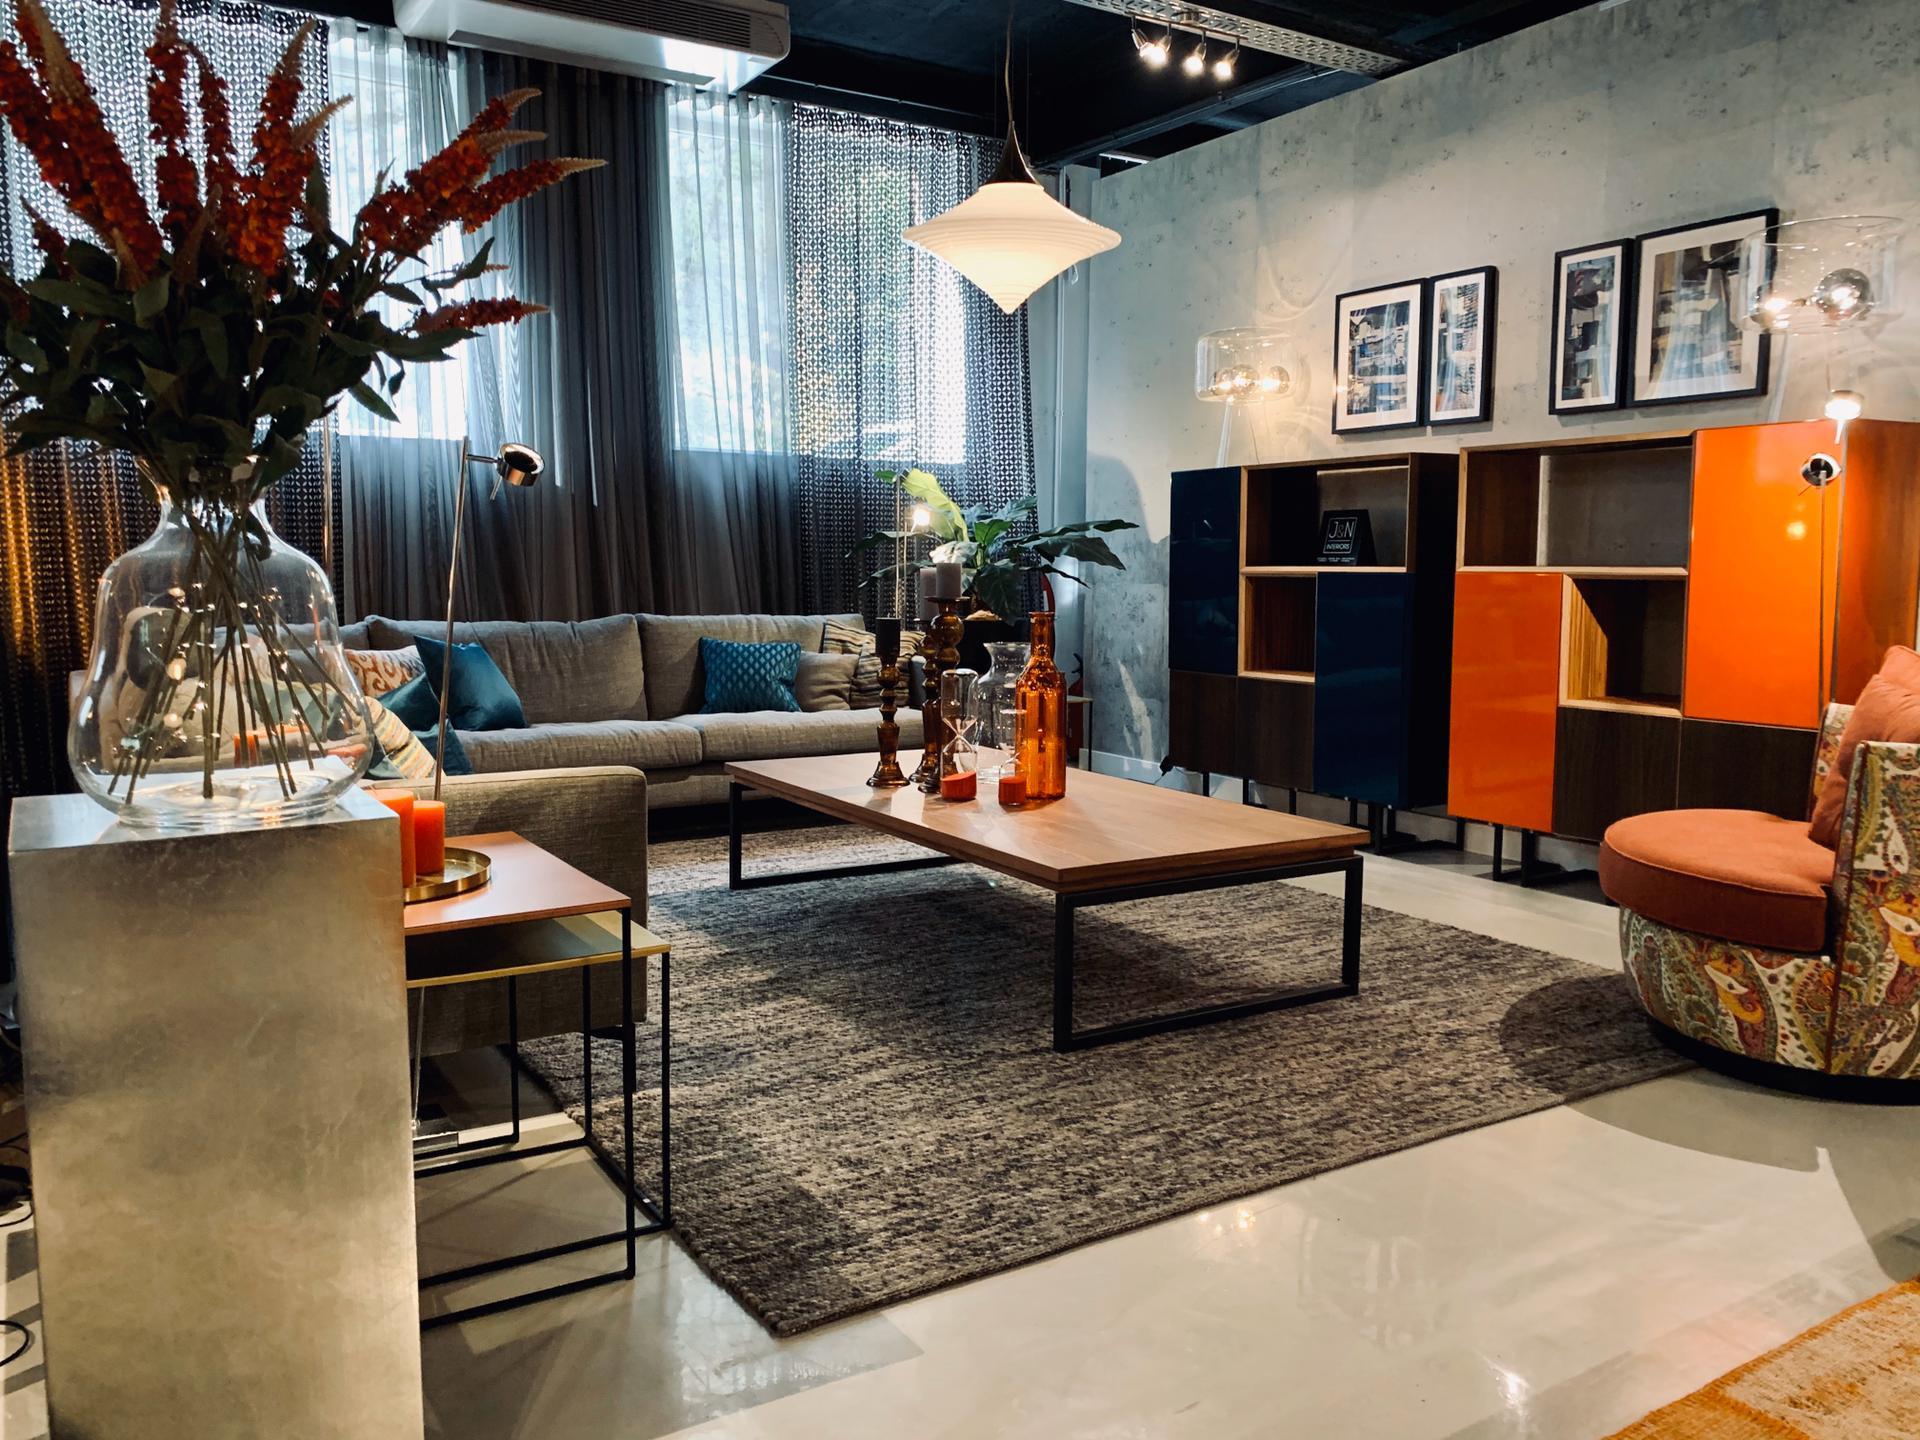 magasin de décoration, verviers liège, tendance, luxe, haut de gamme, JN interiors, jour et nuit liège